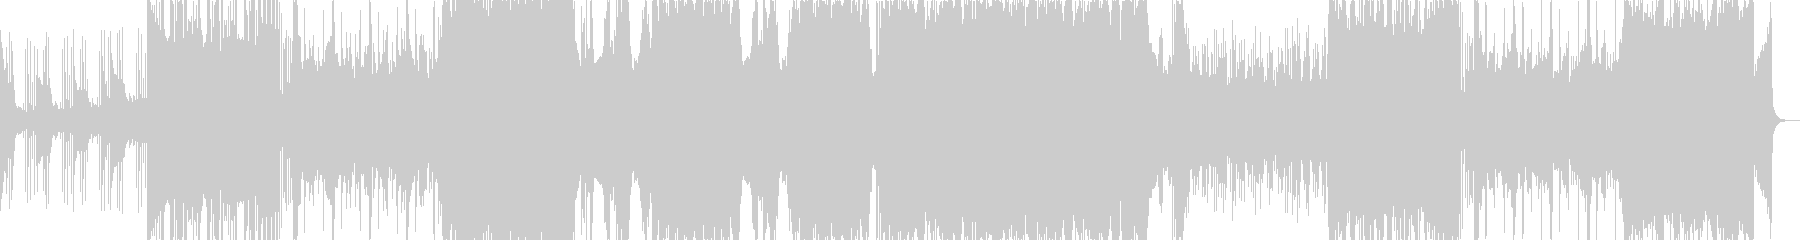 幻想的なフューチャーベース(声ネタ無し)の未再生の波形